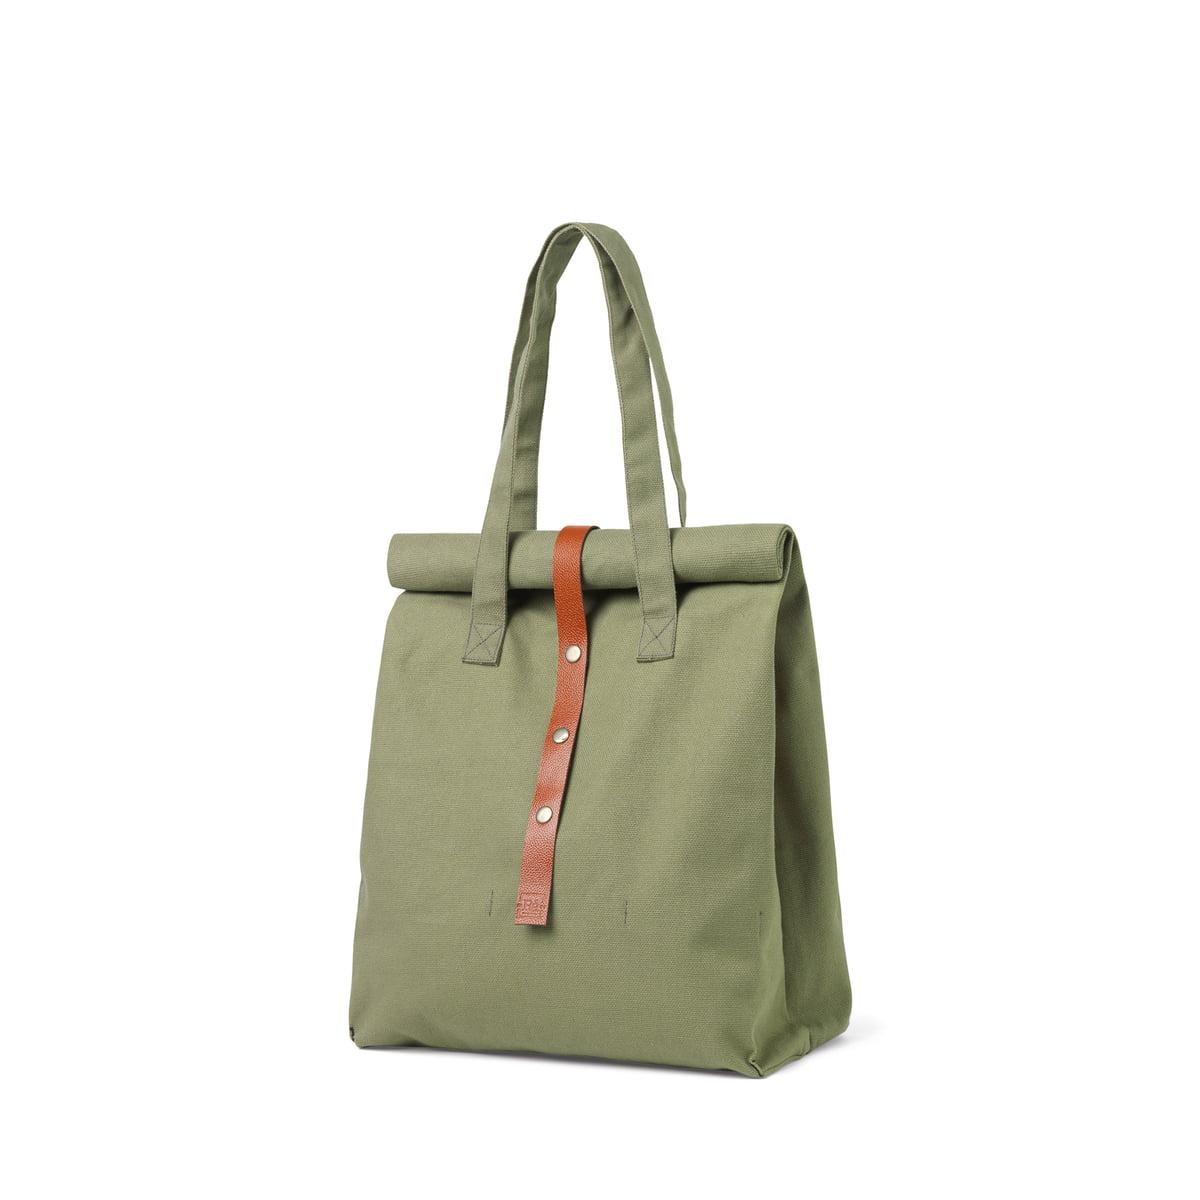 Juna - Rå Picknick Tasche, H 43 cm, moosgrün